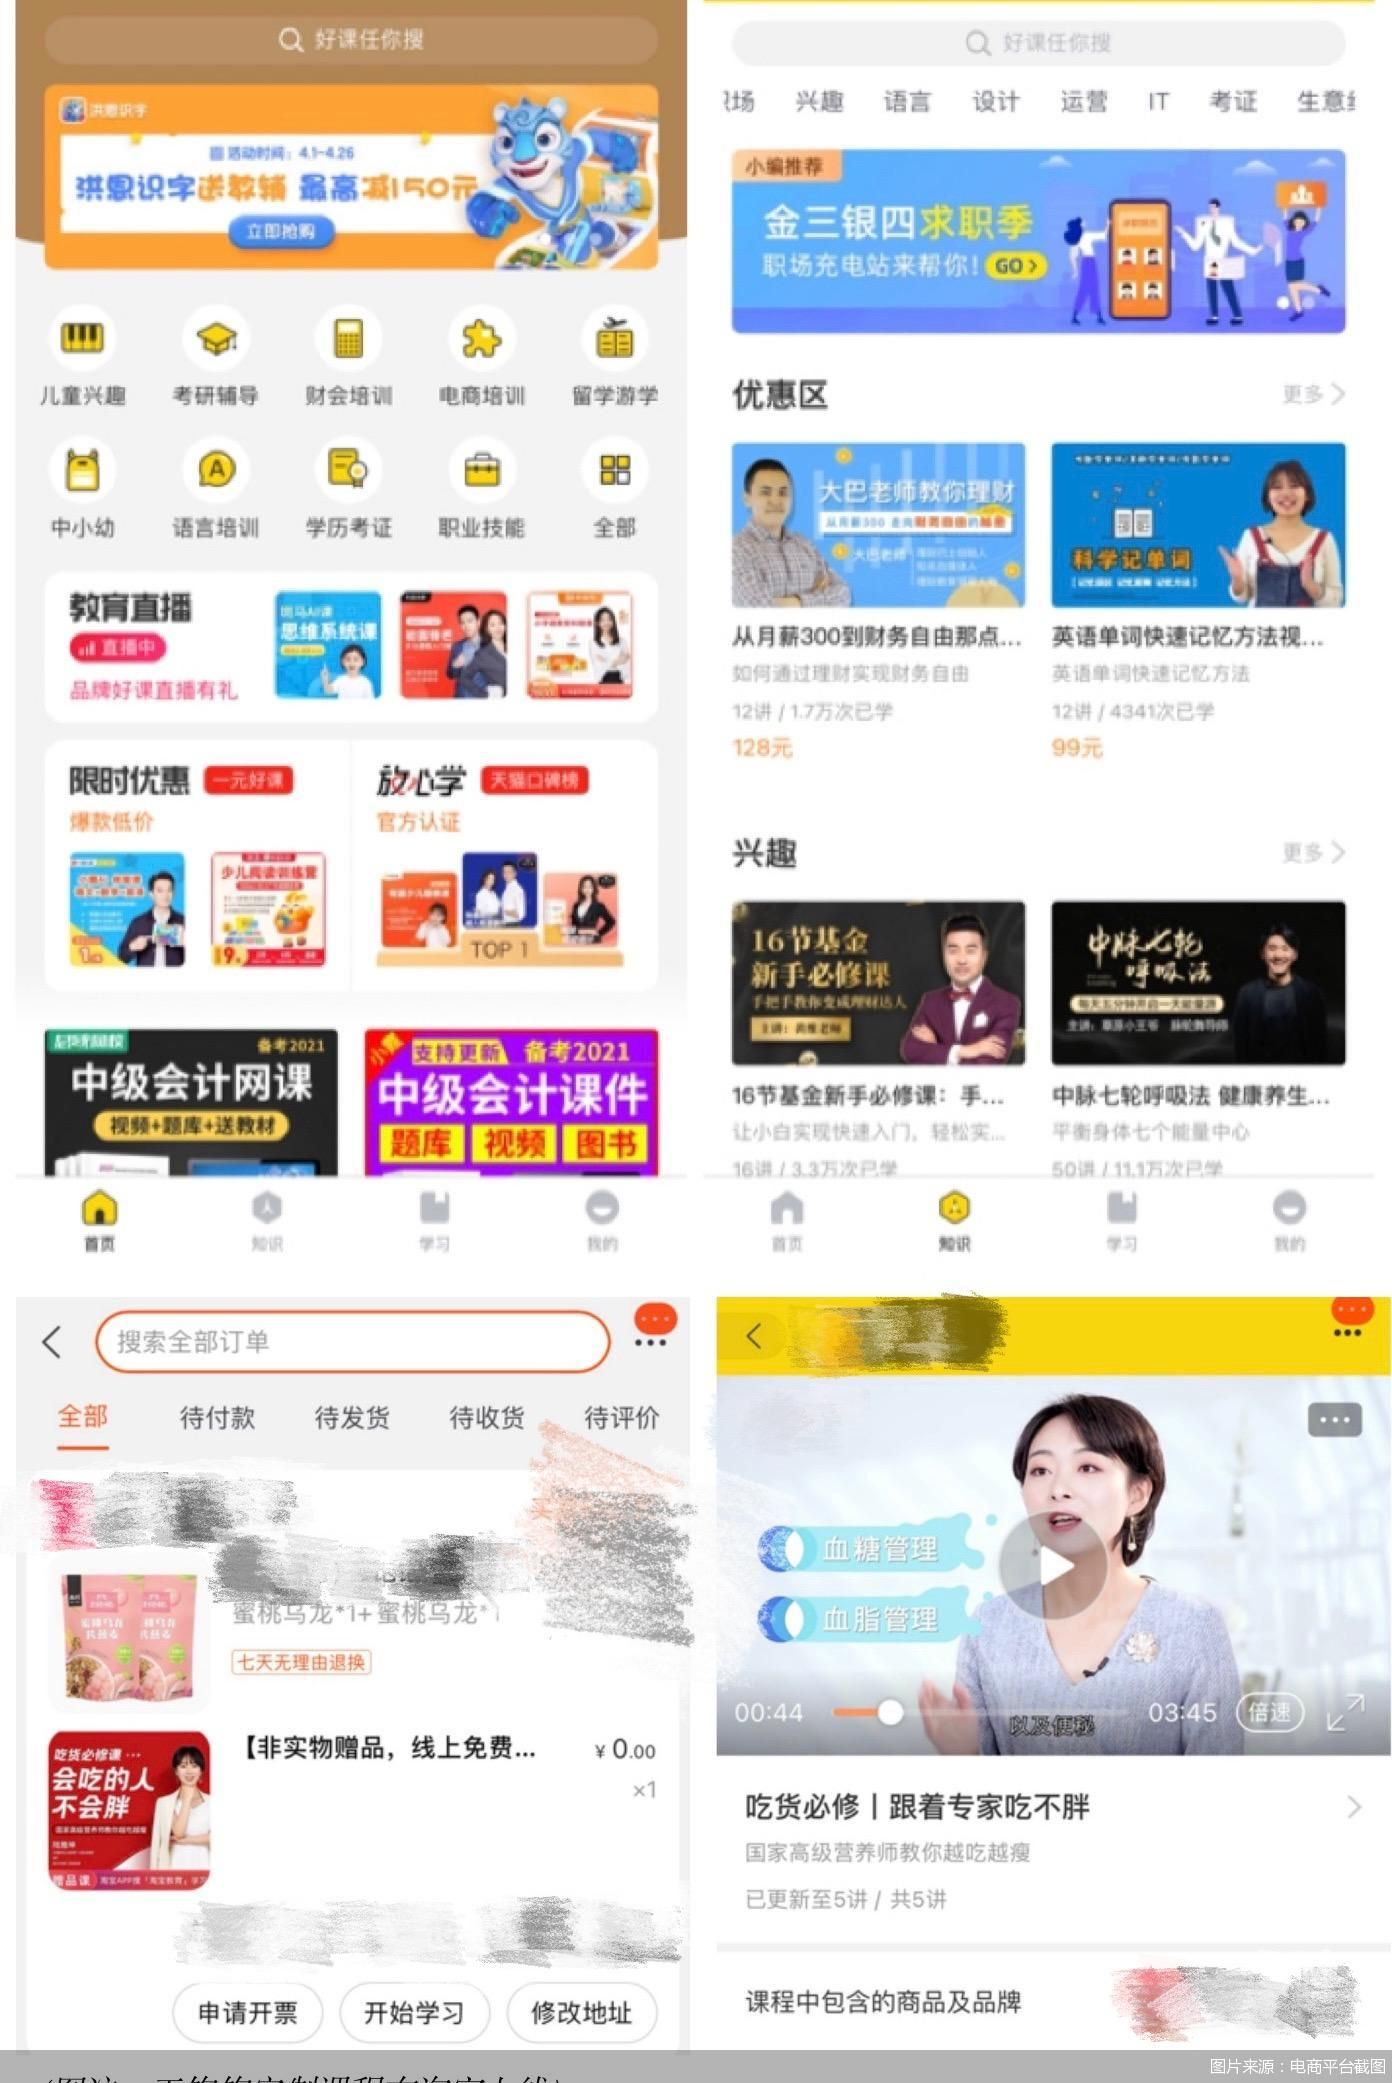 """电商平台成教培机构拉新阵地 """"教育+消费""""都有哪些新玩法"""